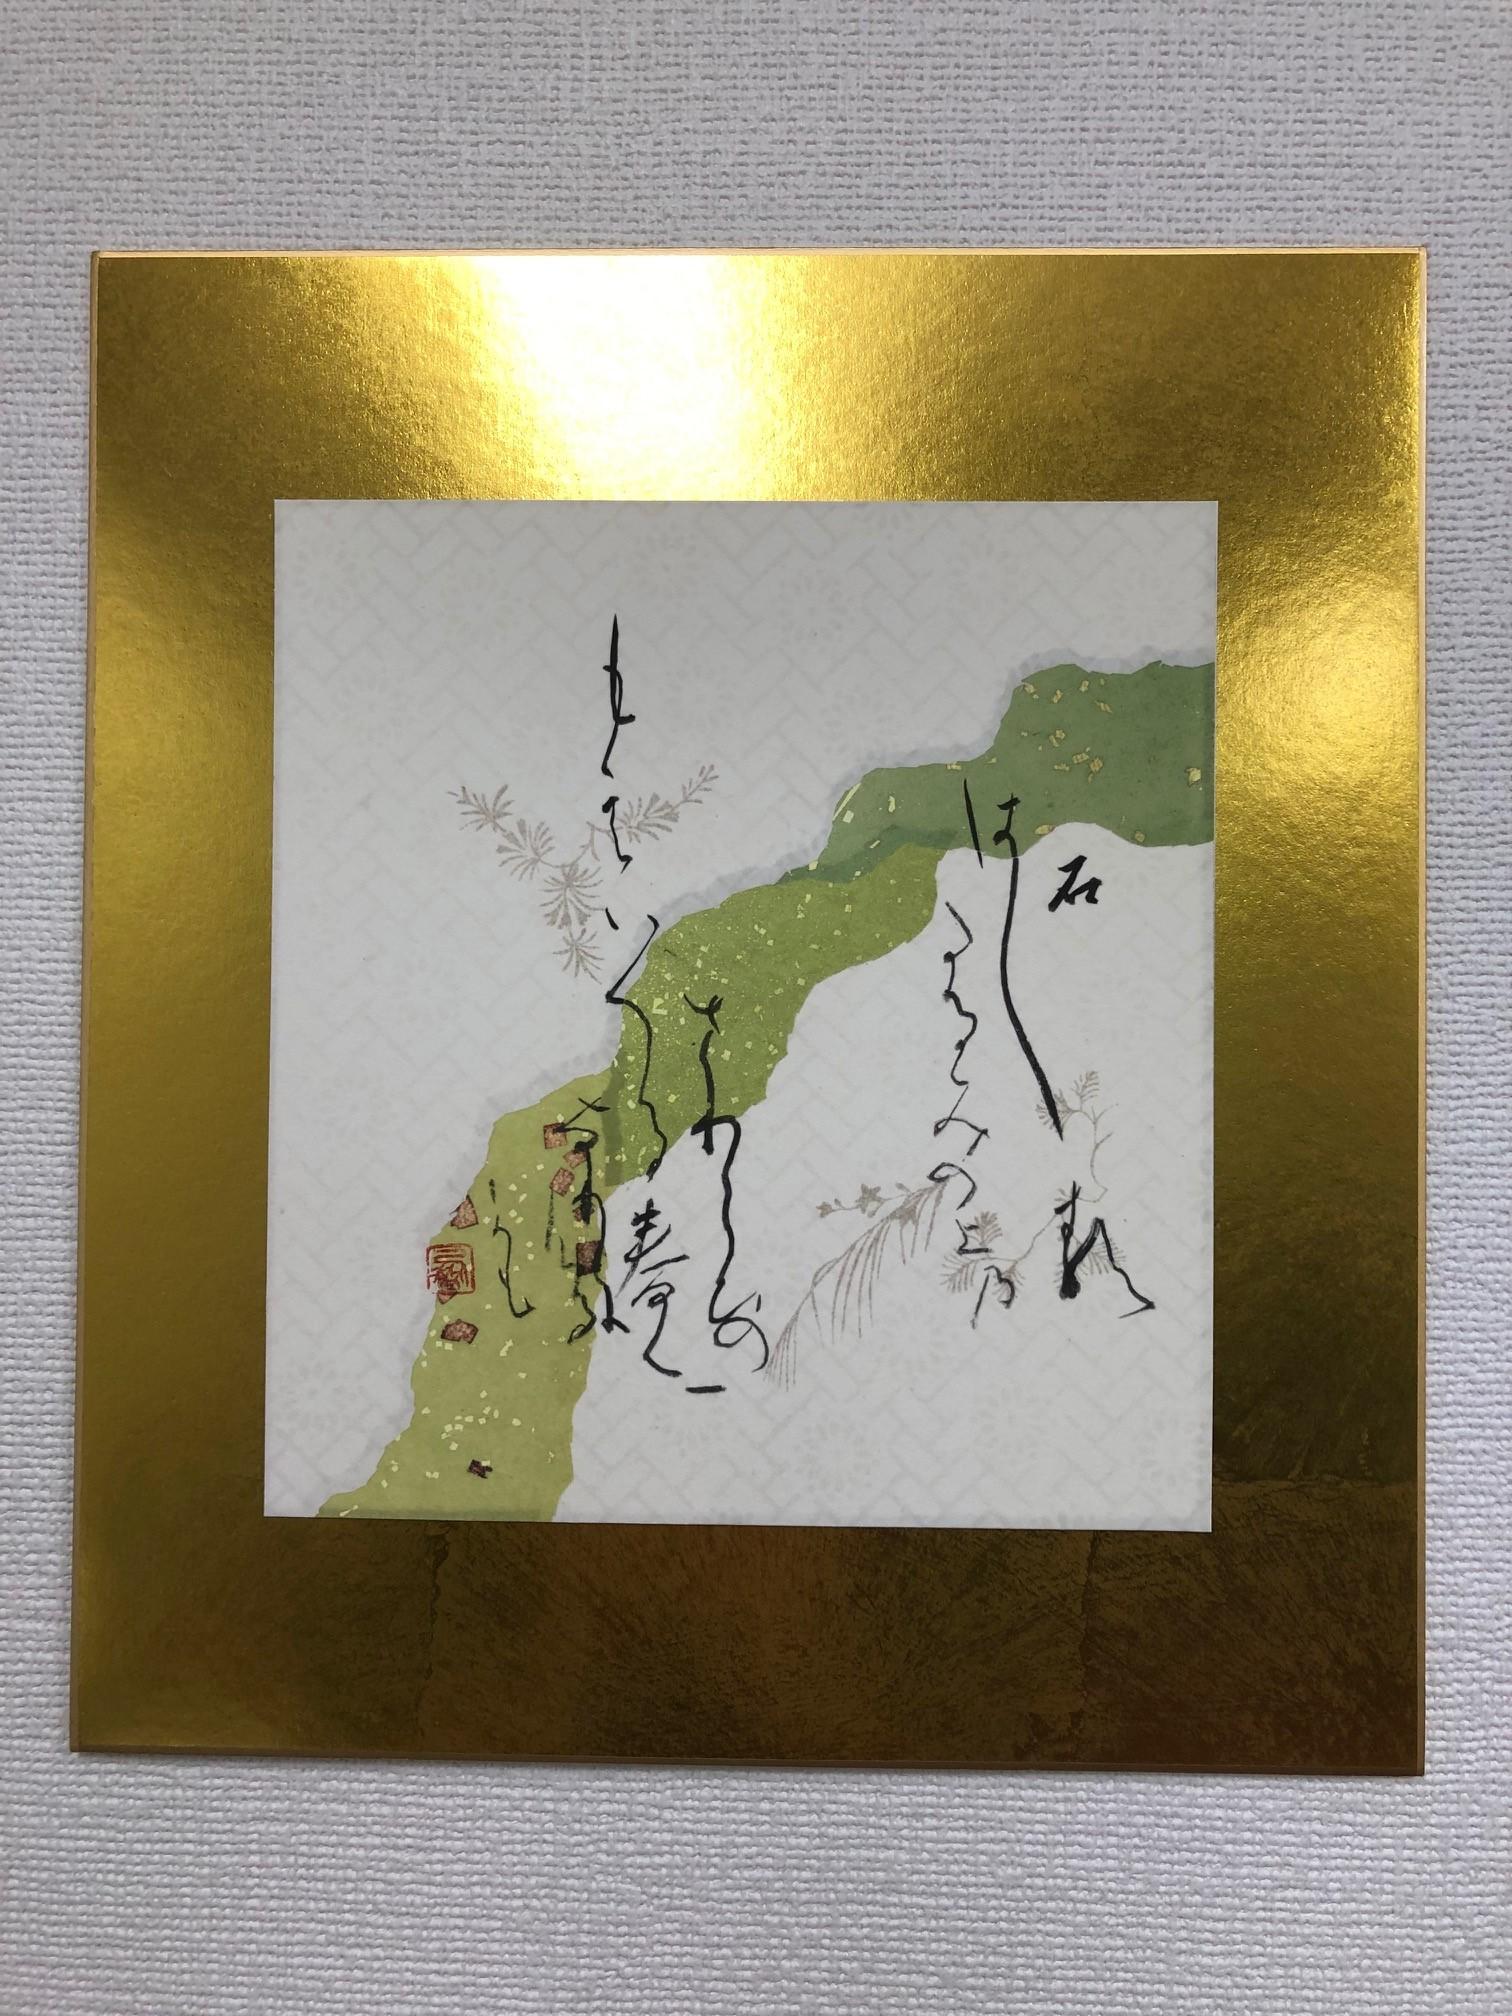 http://www.law-pro.jp/weblog/jpg/20190129.jpg